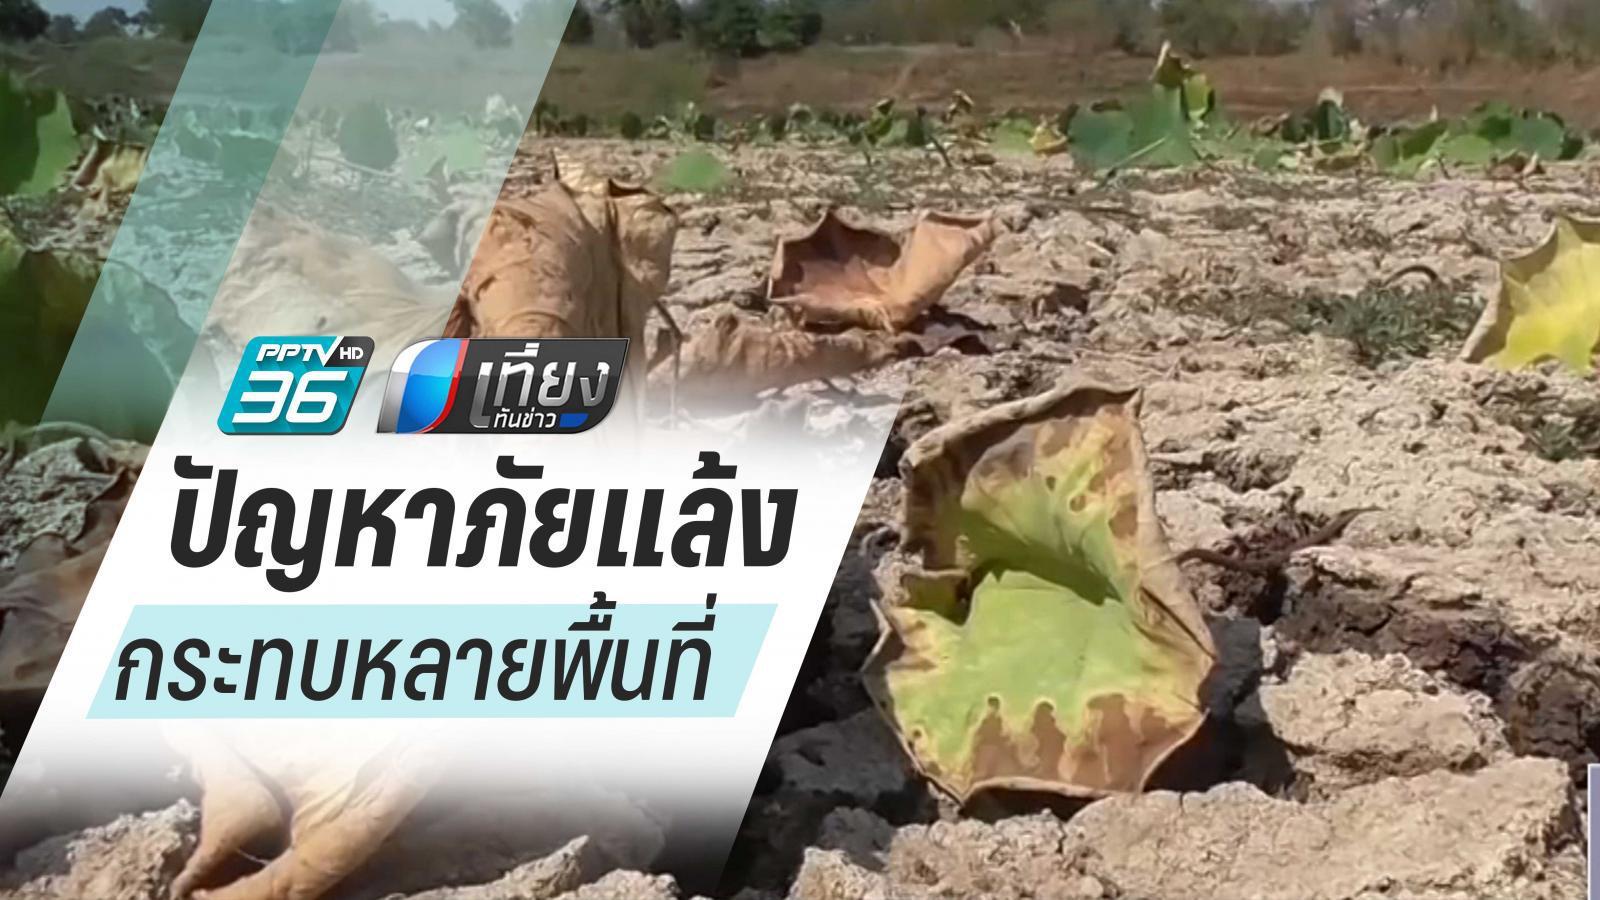 ภัยแล้ง ส่งผลแม่น้ำแห้งขอด กระทบหลายพื้นที่